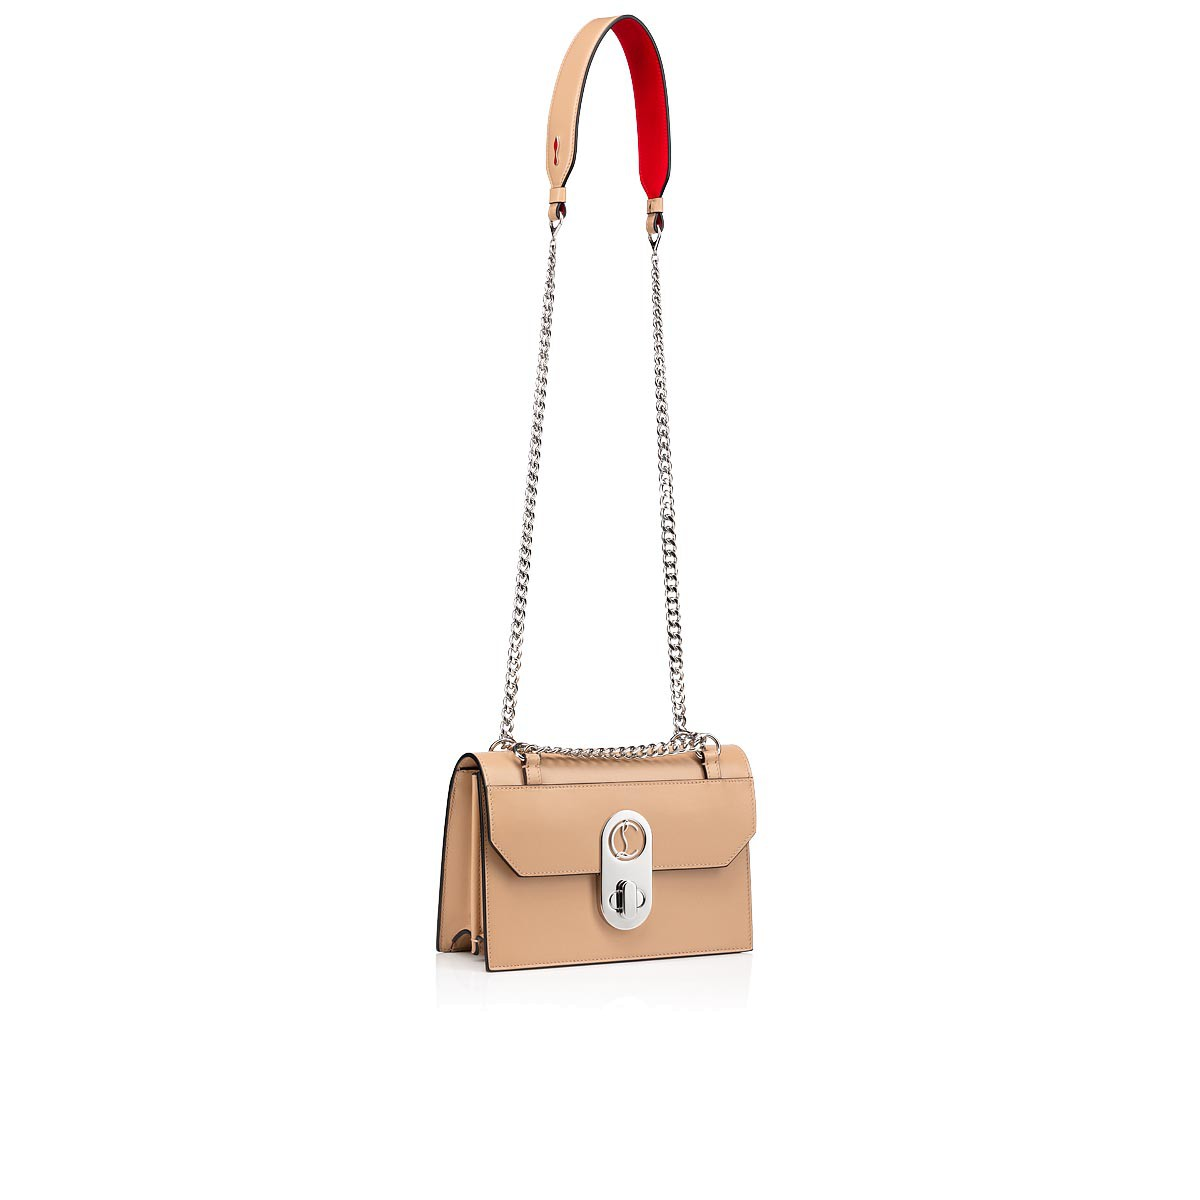 Bags - Elisa Small - Christian Louboutin